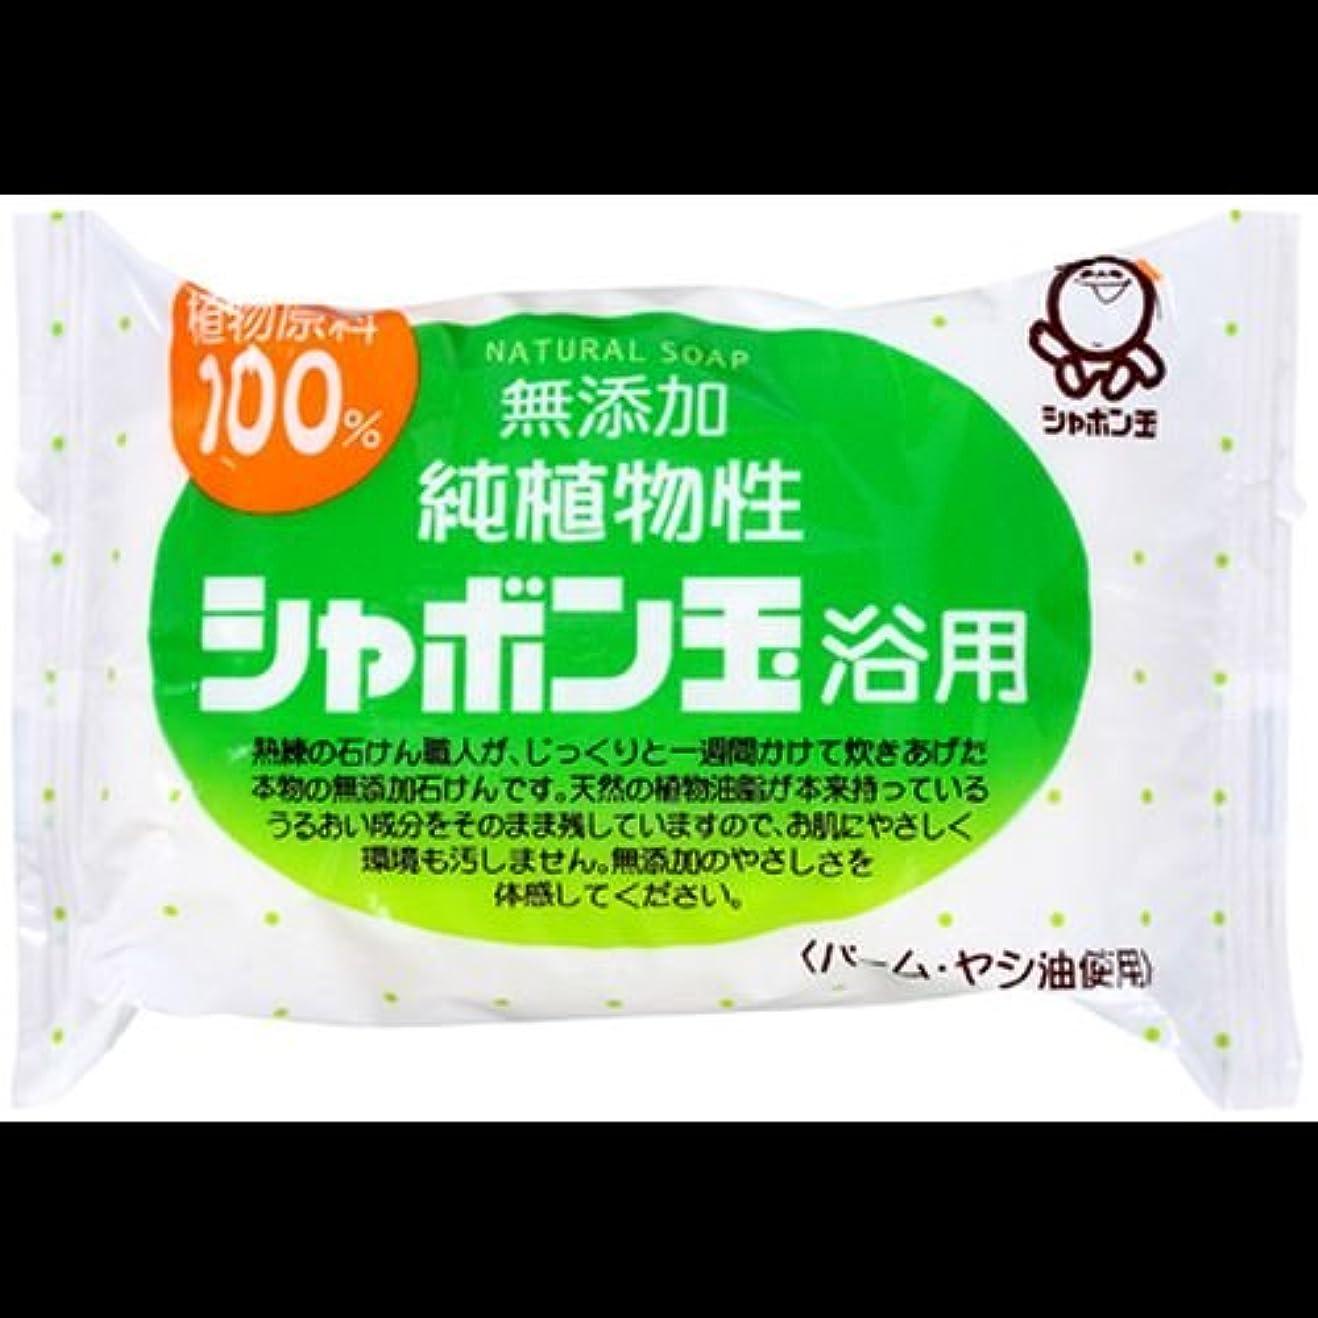 実質的に反対した散歩に行く【まとめ買い】シャボン玉 無添加 純植物性 シャボン玉浴用石けん 純植物性 100g ×2セット